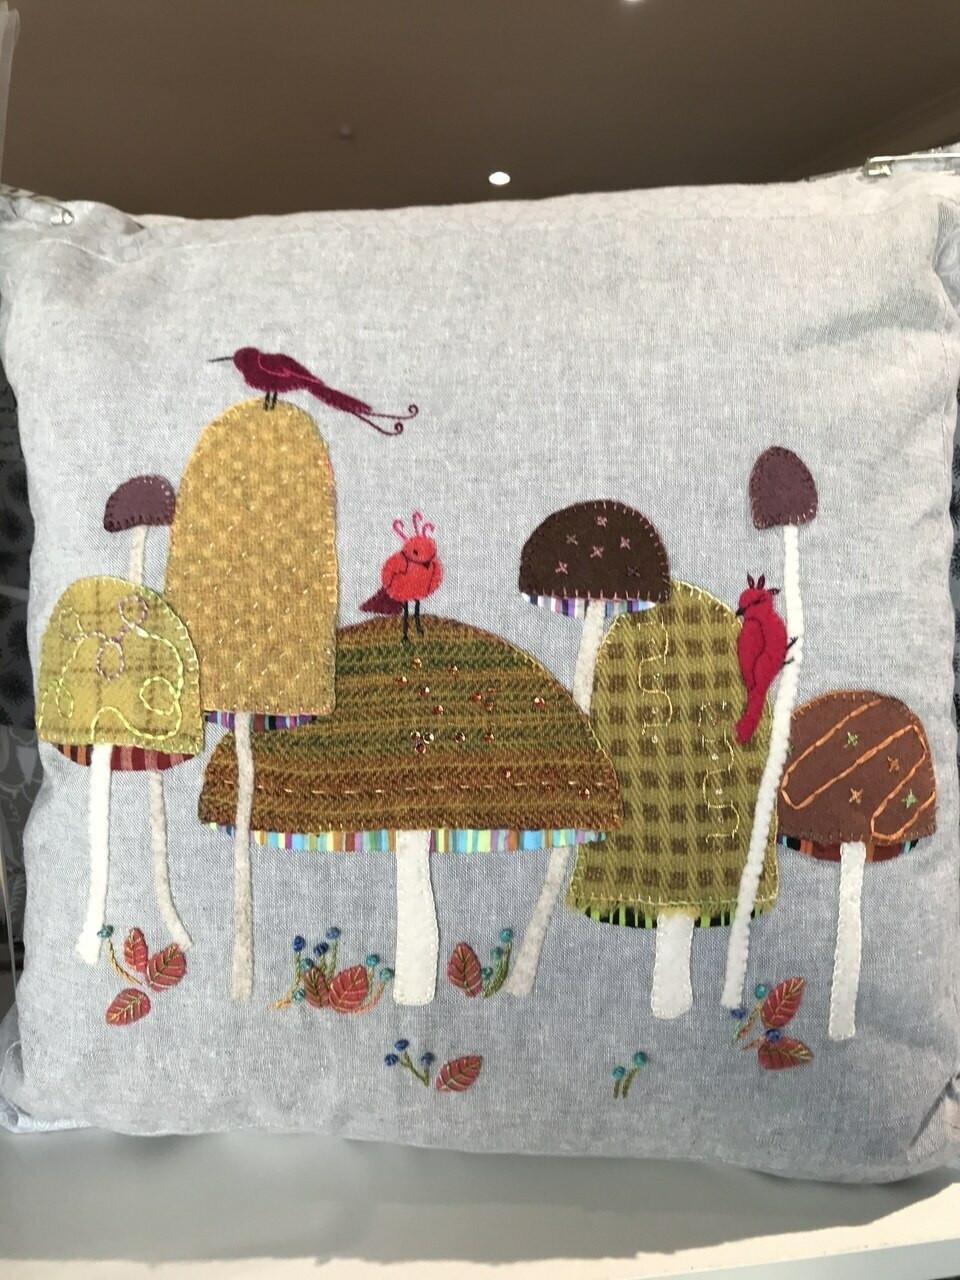 Veronique's Quilt Designs : Fantasies, Mushrooms